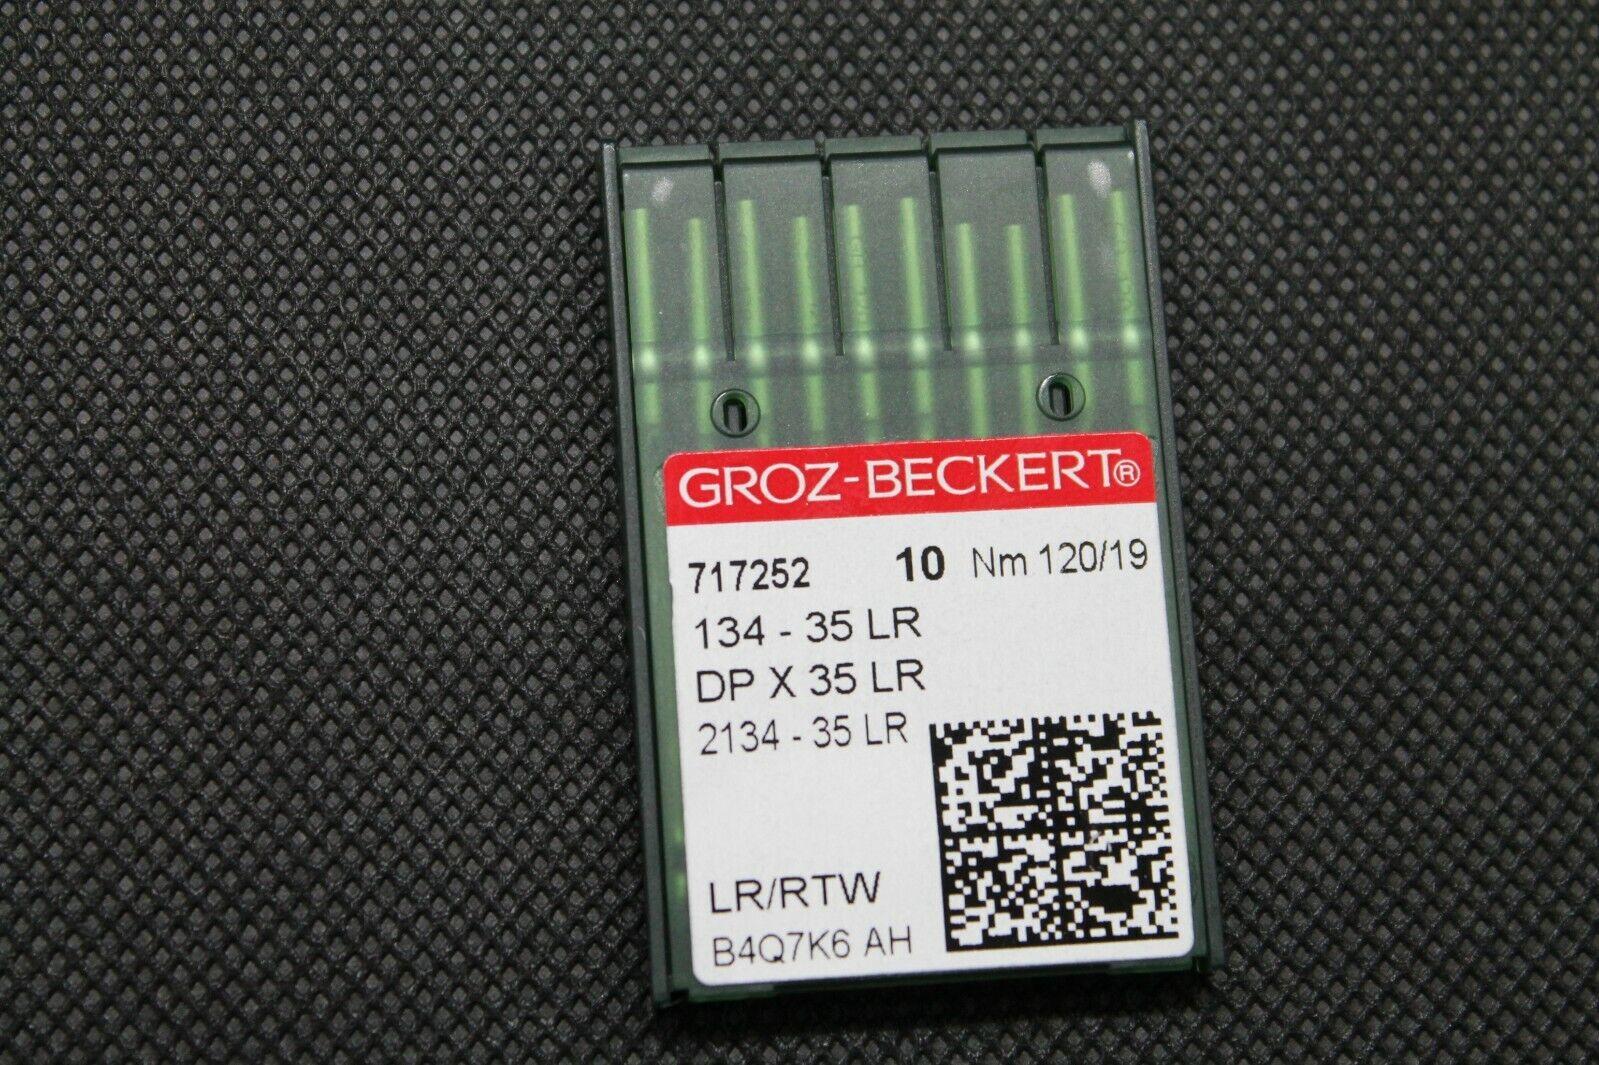 134-35 LR Groz Beckert DP X 35 LR NM 120//19 Rundkolben Leder Maschinennadel